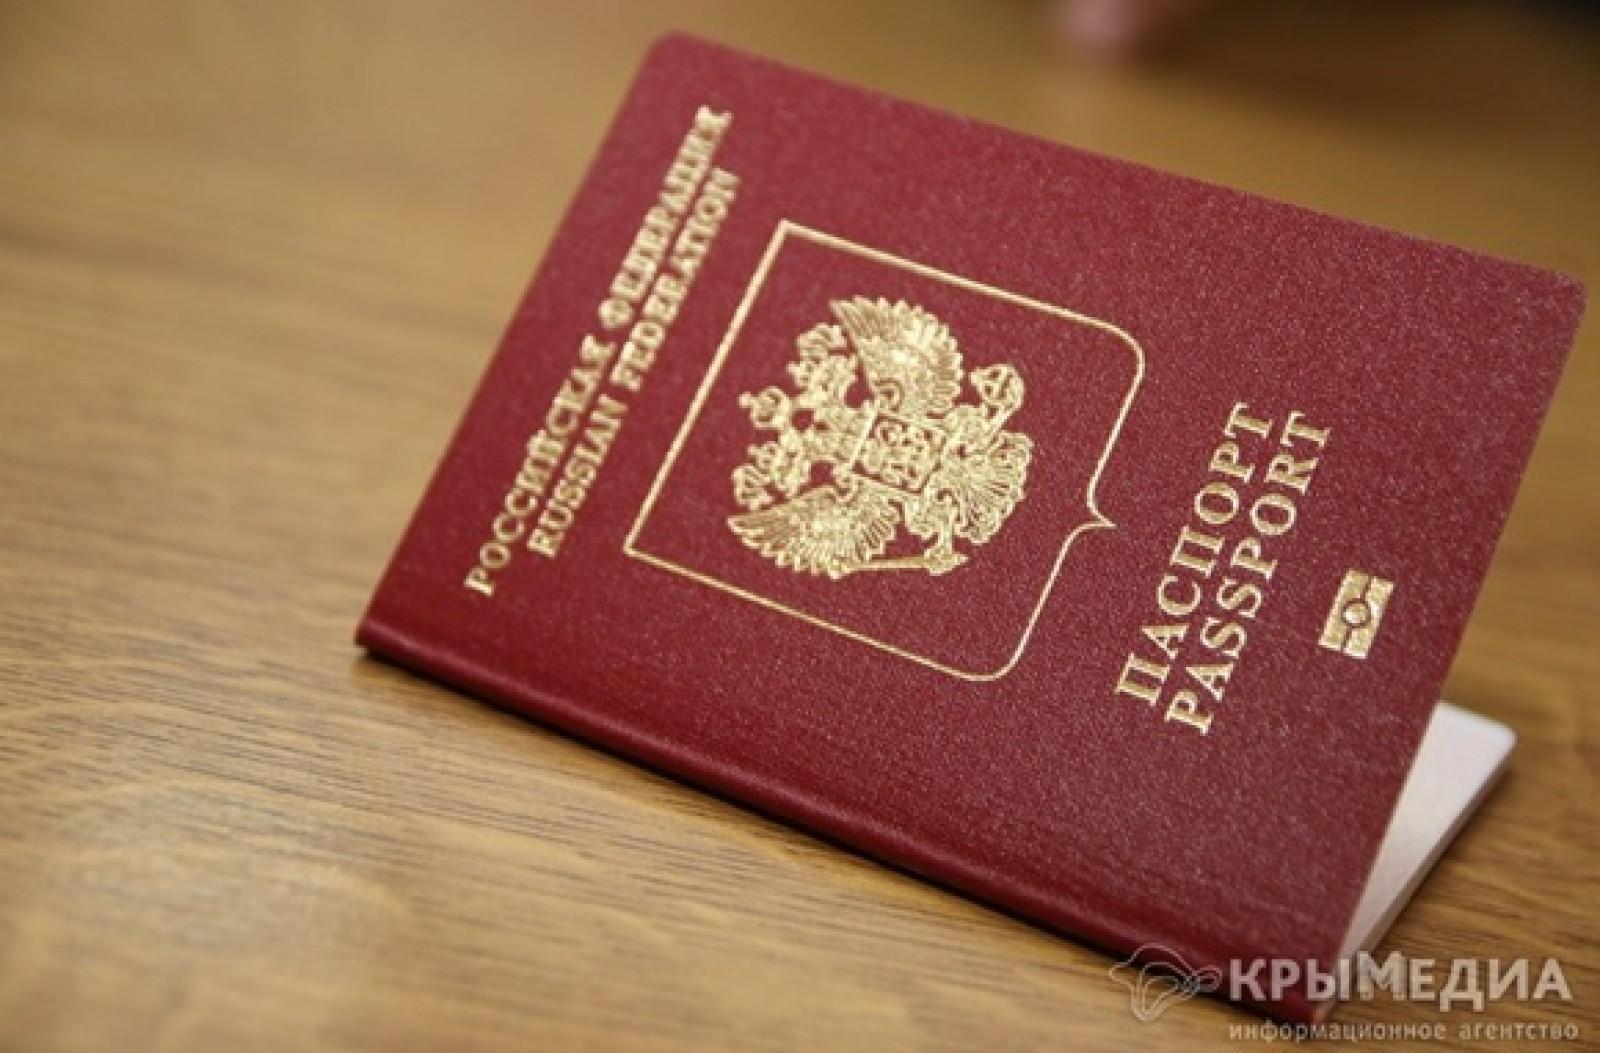 Как сделать быстро загранпаспорт в СПб 99